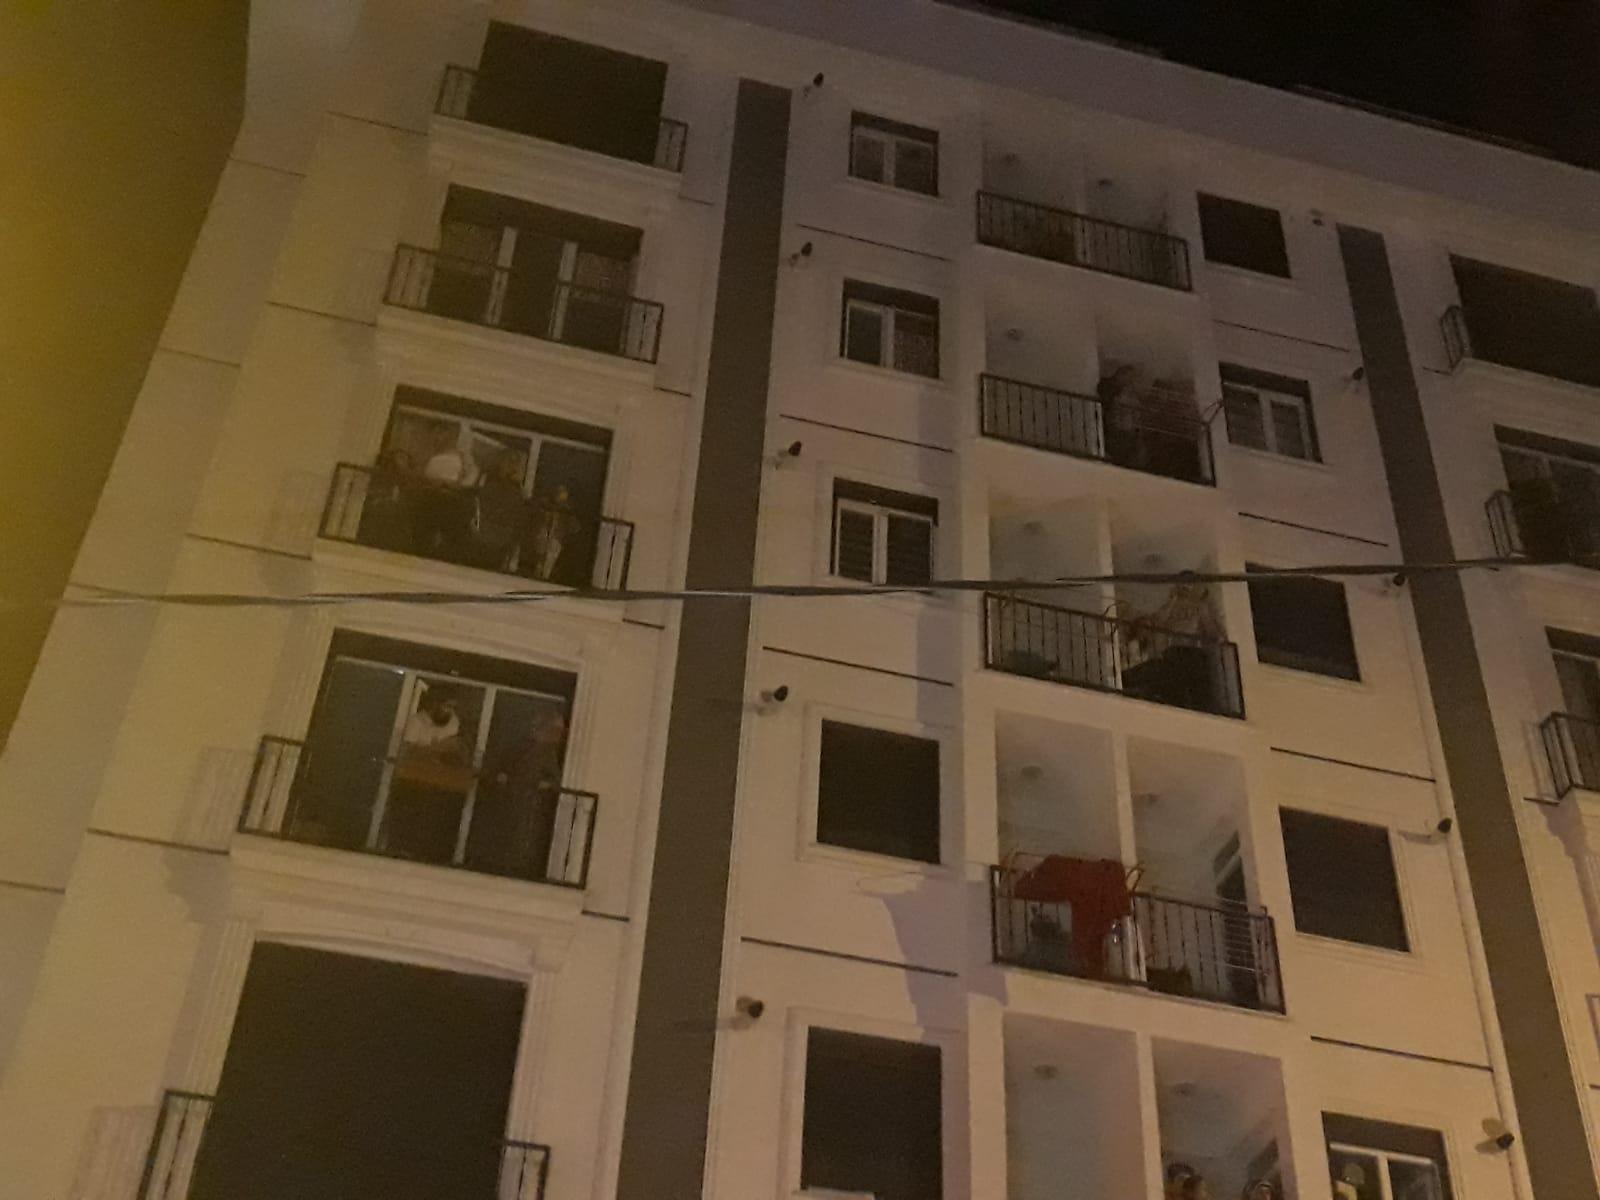 Kartal'da 6 katlı binada yangın